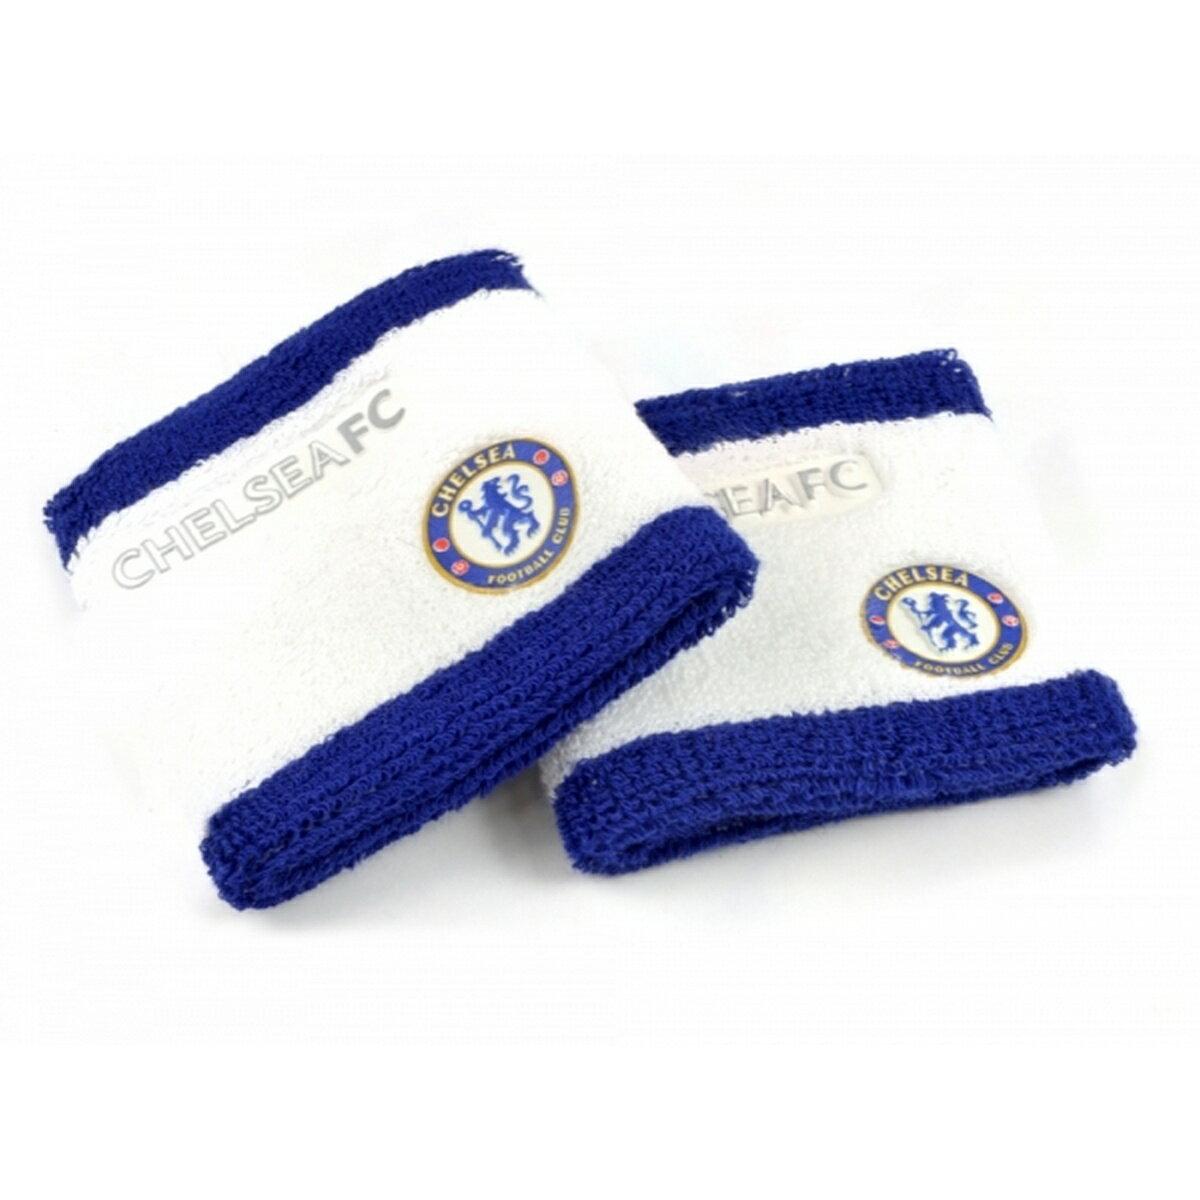 チェルシー フットボールクラブ Chelsea FC オフィシャル商品 スポーツ 汗取り リストバンド 2個セット 【楽天海外直送】